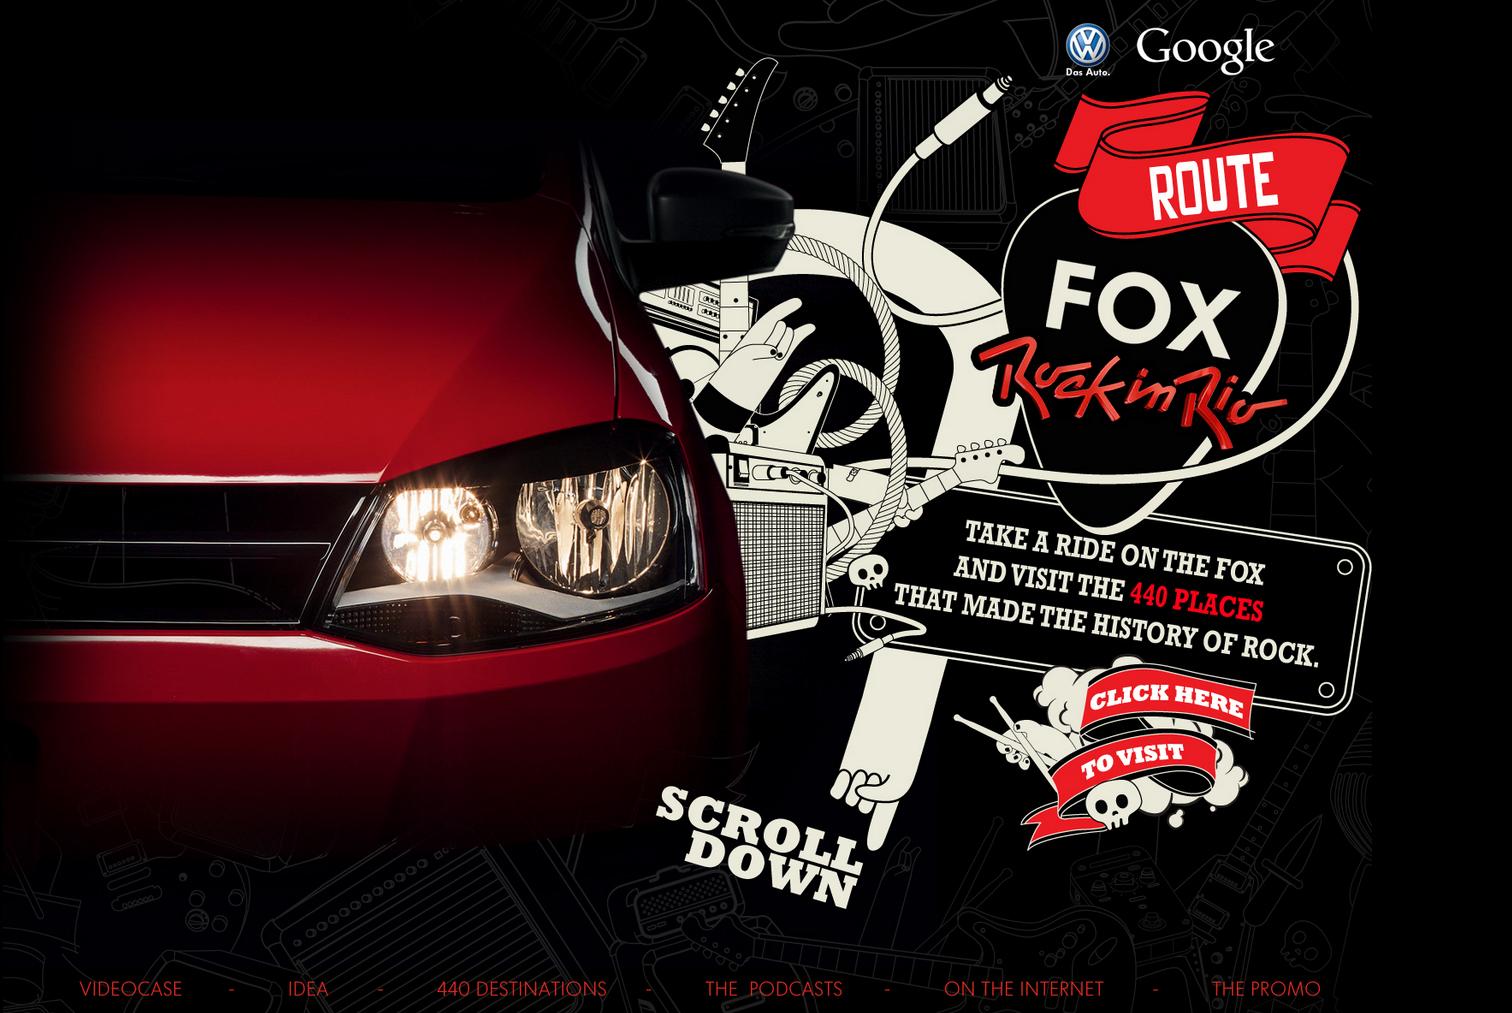 volkswagen-volkswagen-fox-rock-in-rio-route-online-357528-adeevee